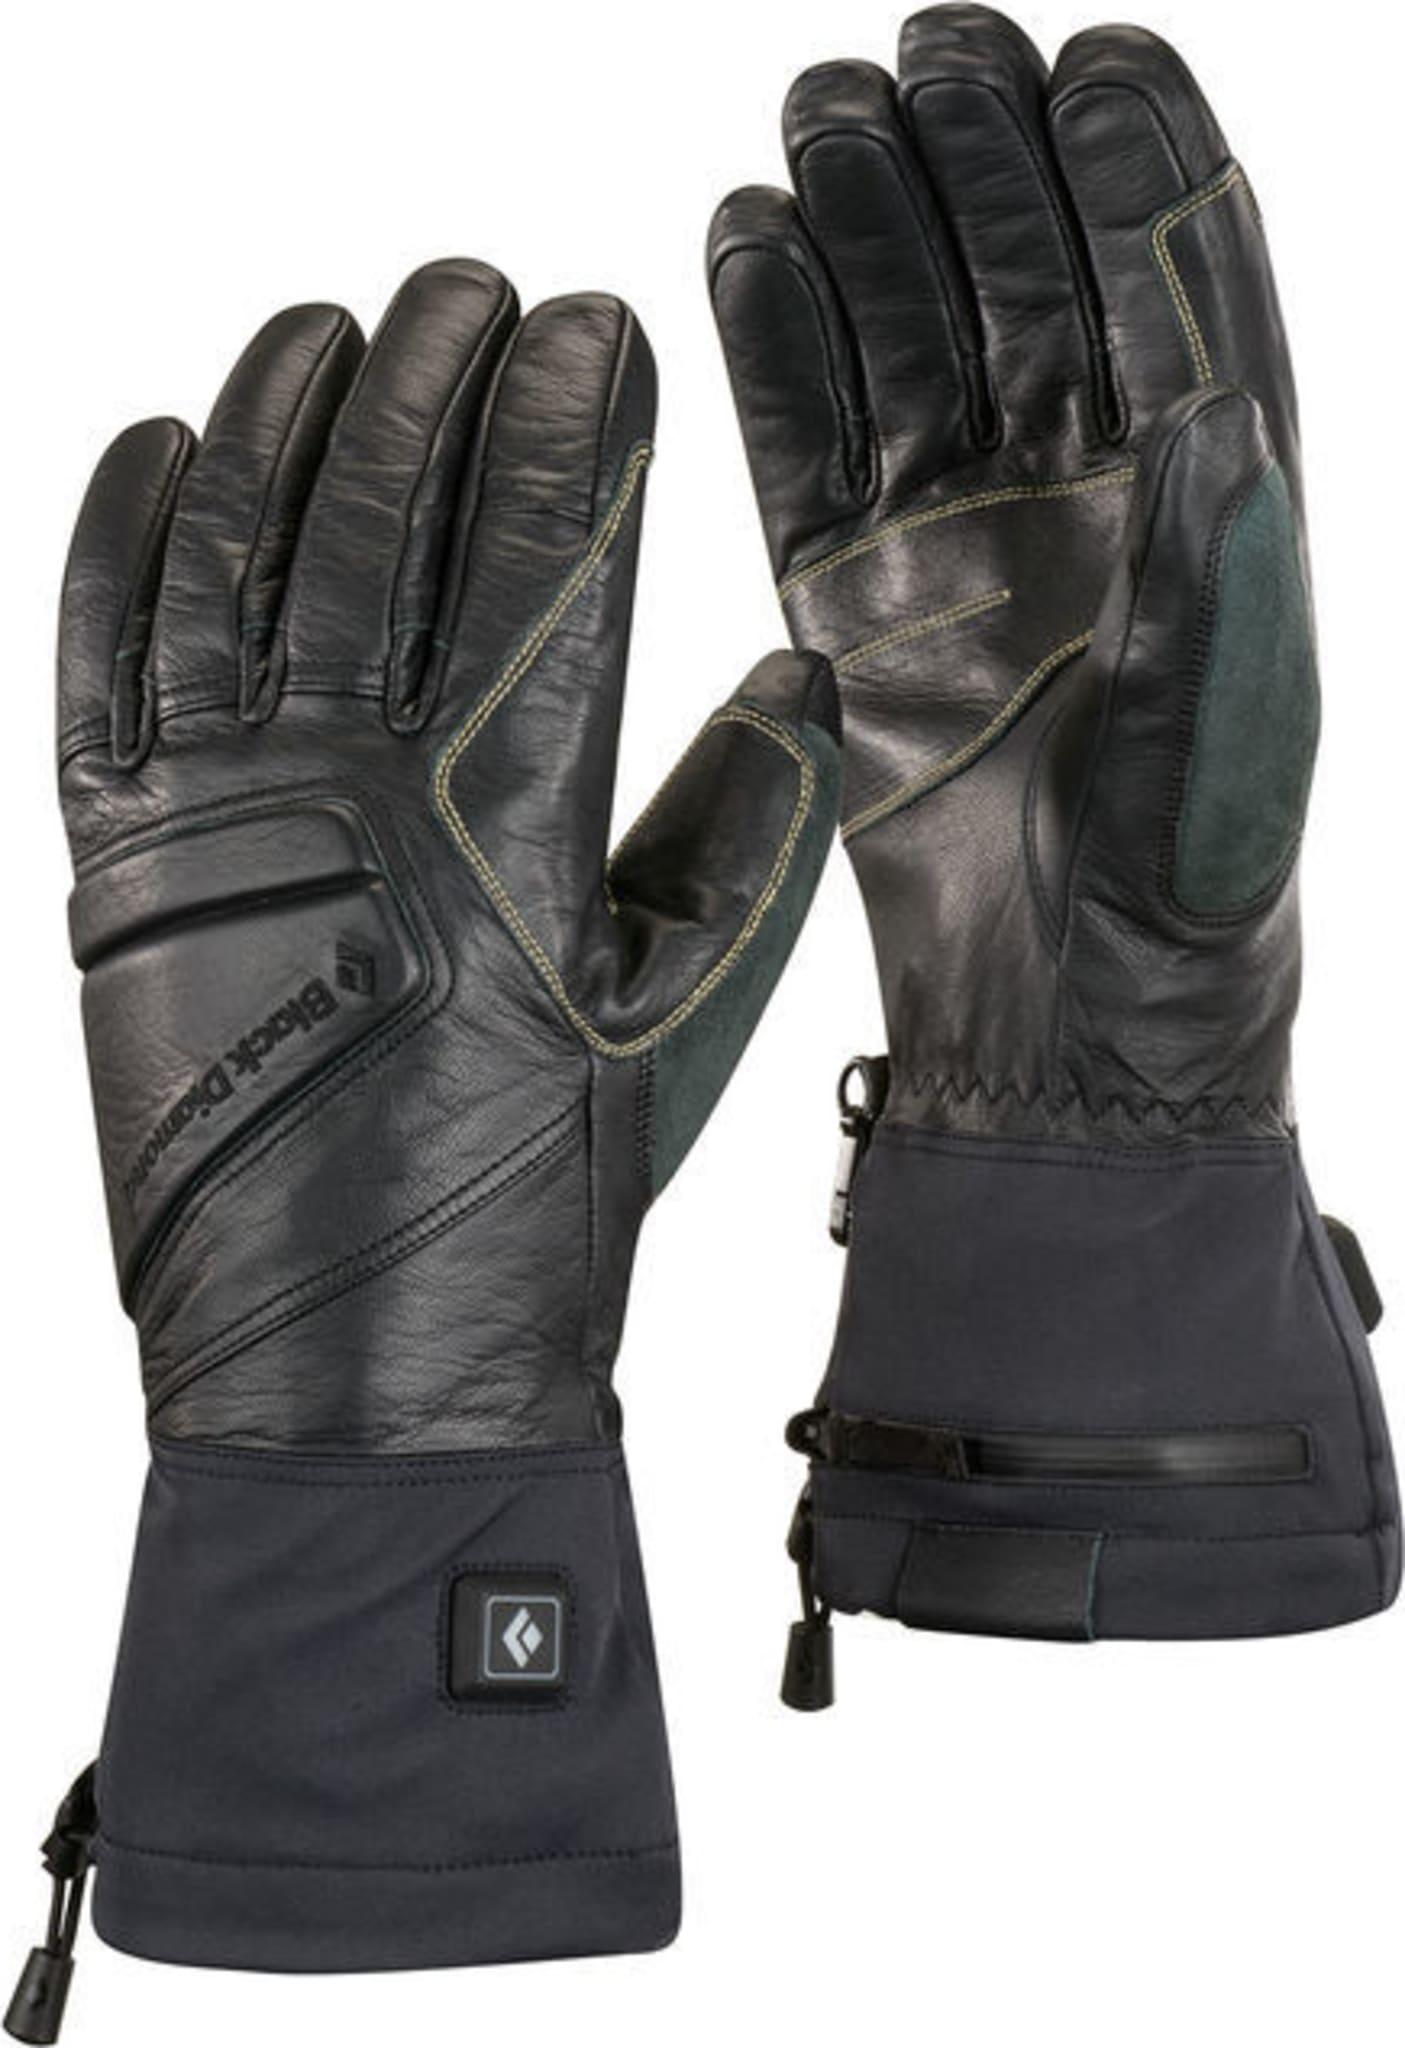 Oppladbare hansker for deg som fryser lett